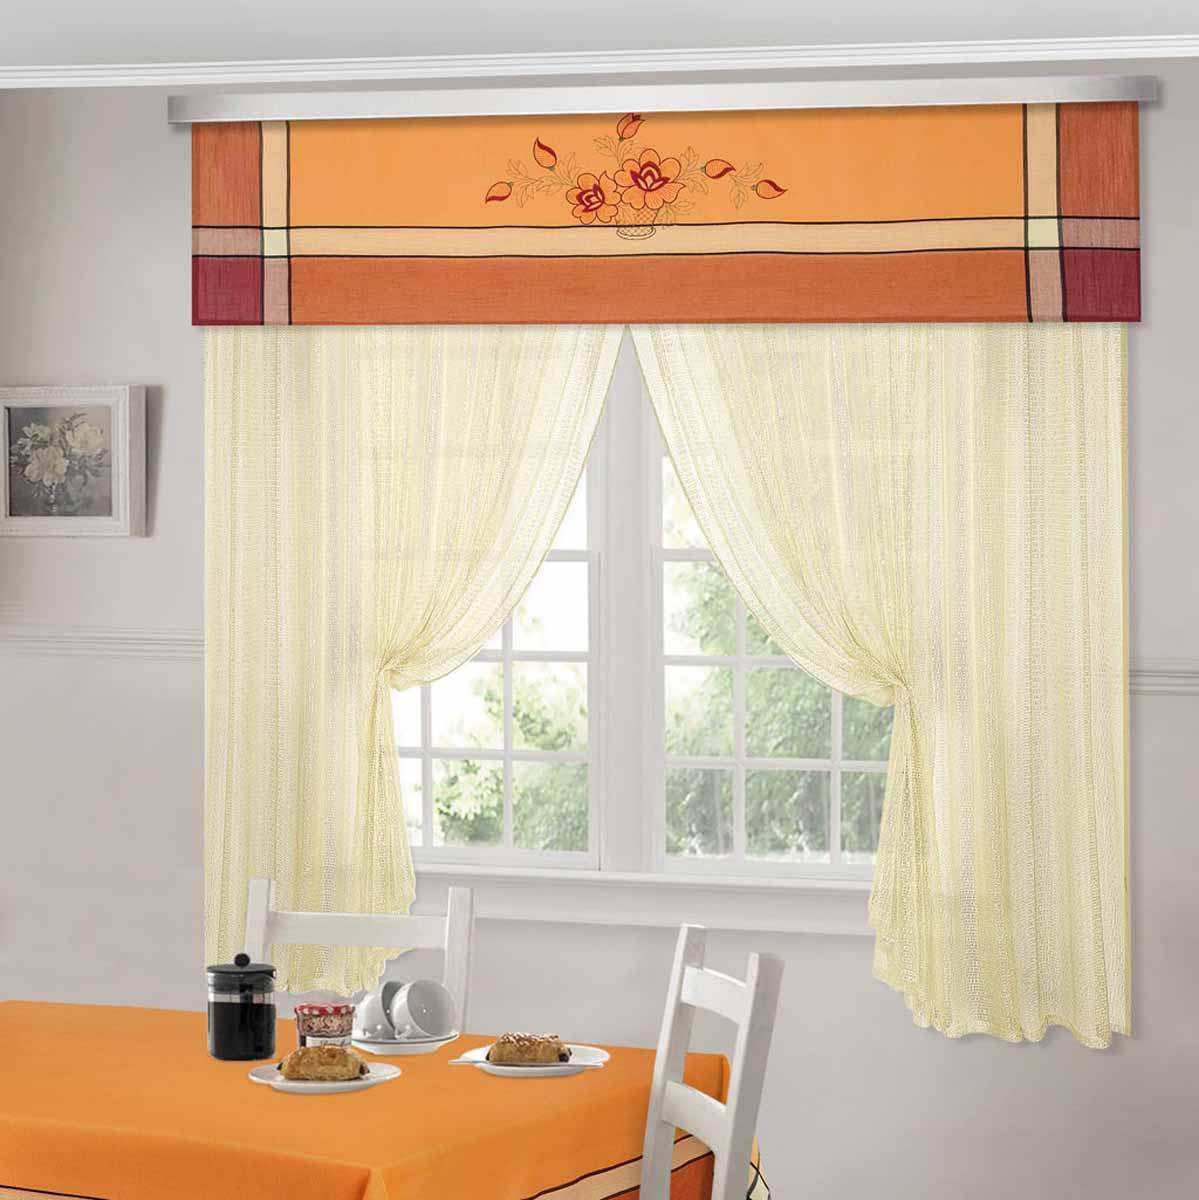 Комплект штор ТД Текстиль Шик, на ленте, цвет: оранжевый, высота 180 см. 92528 шторы интерьерные олимп текстиль шторы бретань